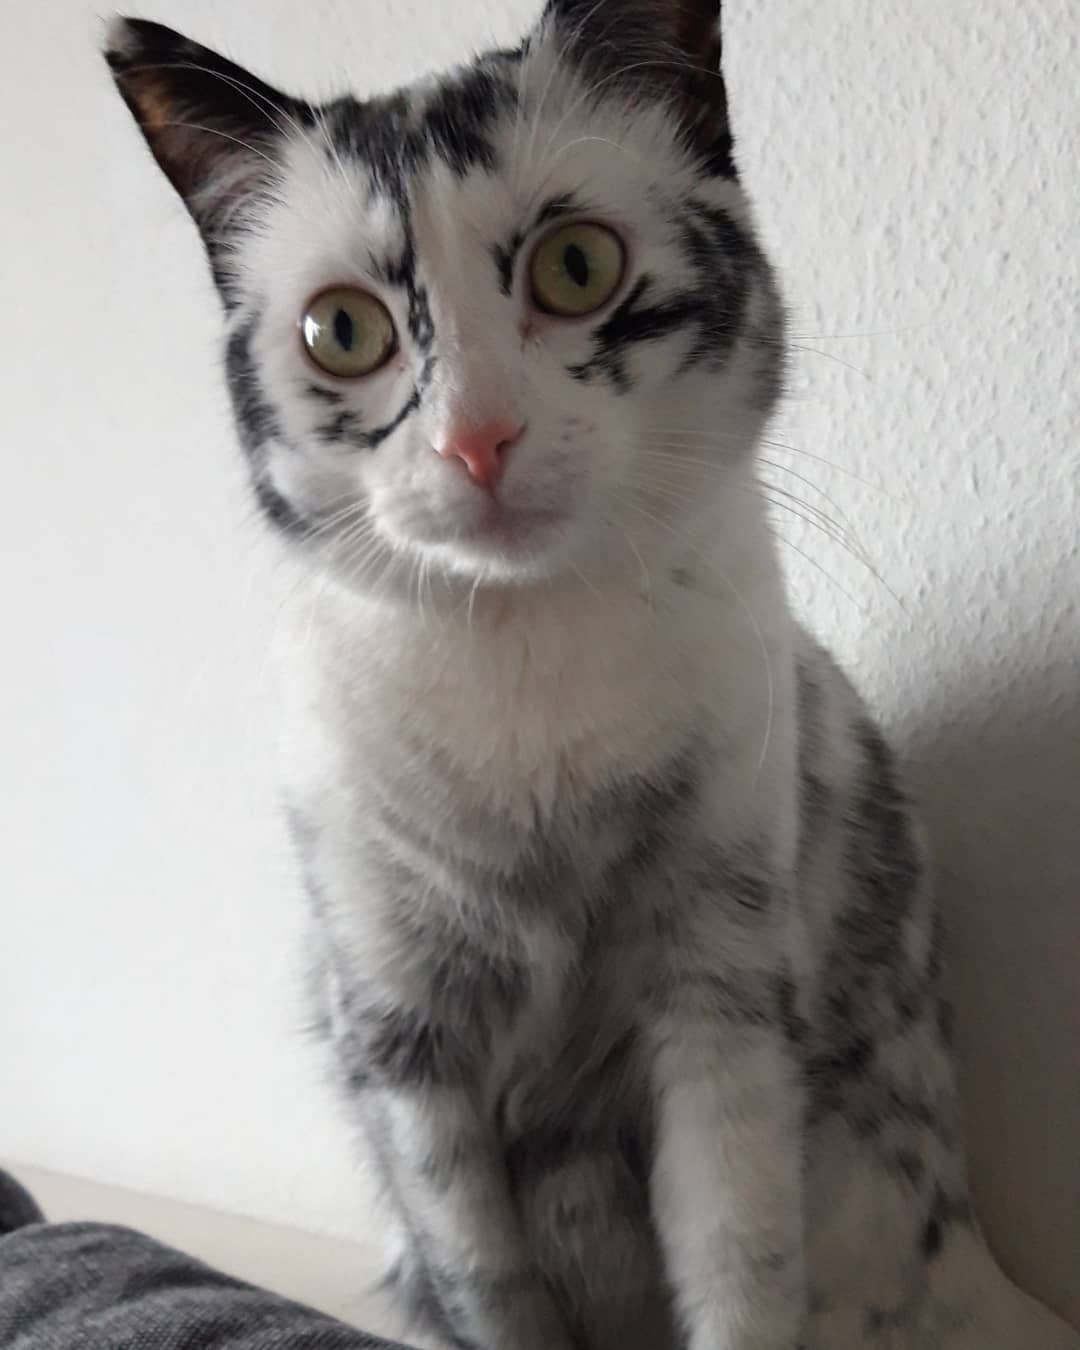 出廠忘了定色劑?賓士貓養成黑白虎斑 醫生證「有病」讓人好想給牠抱抱QQ